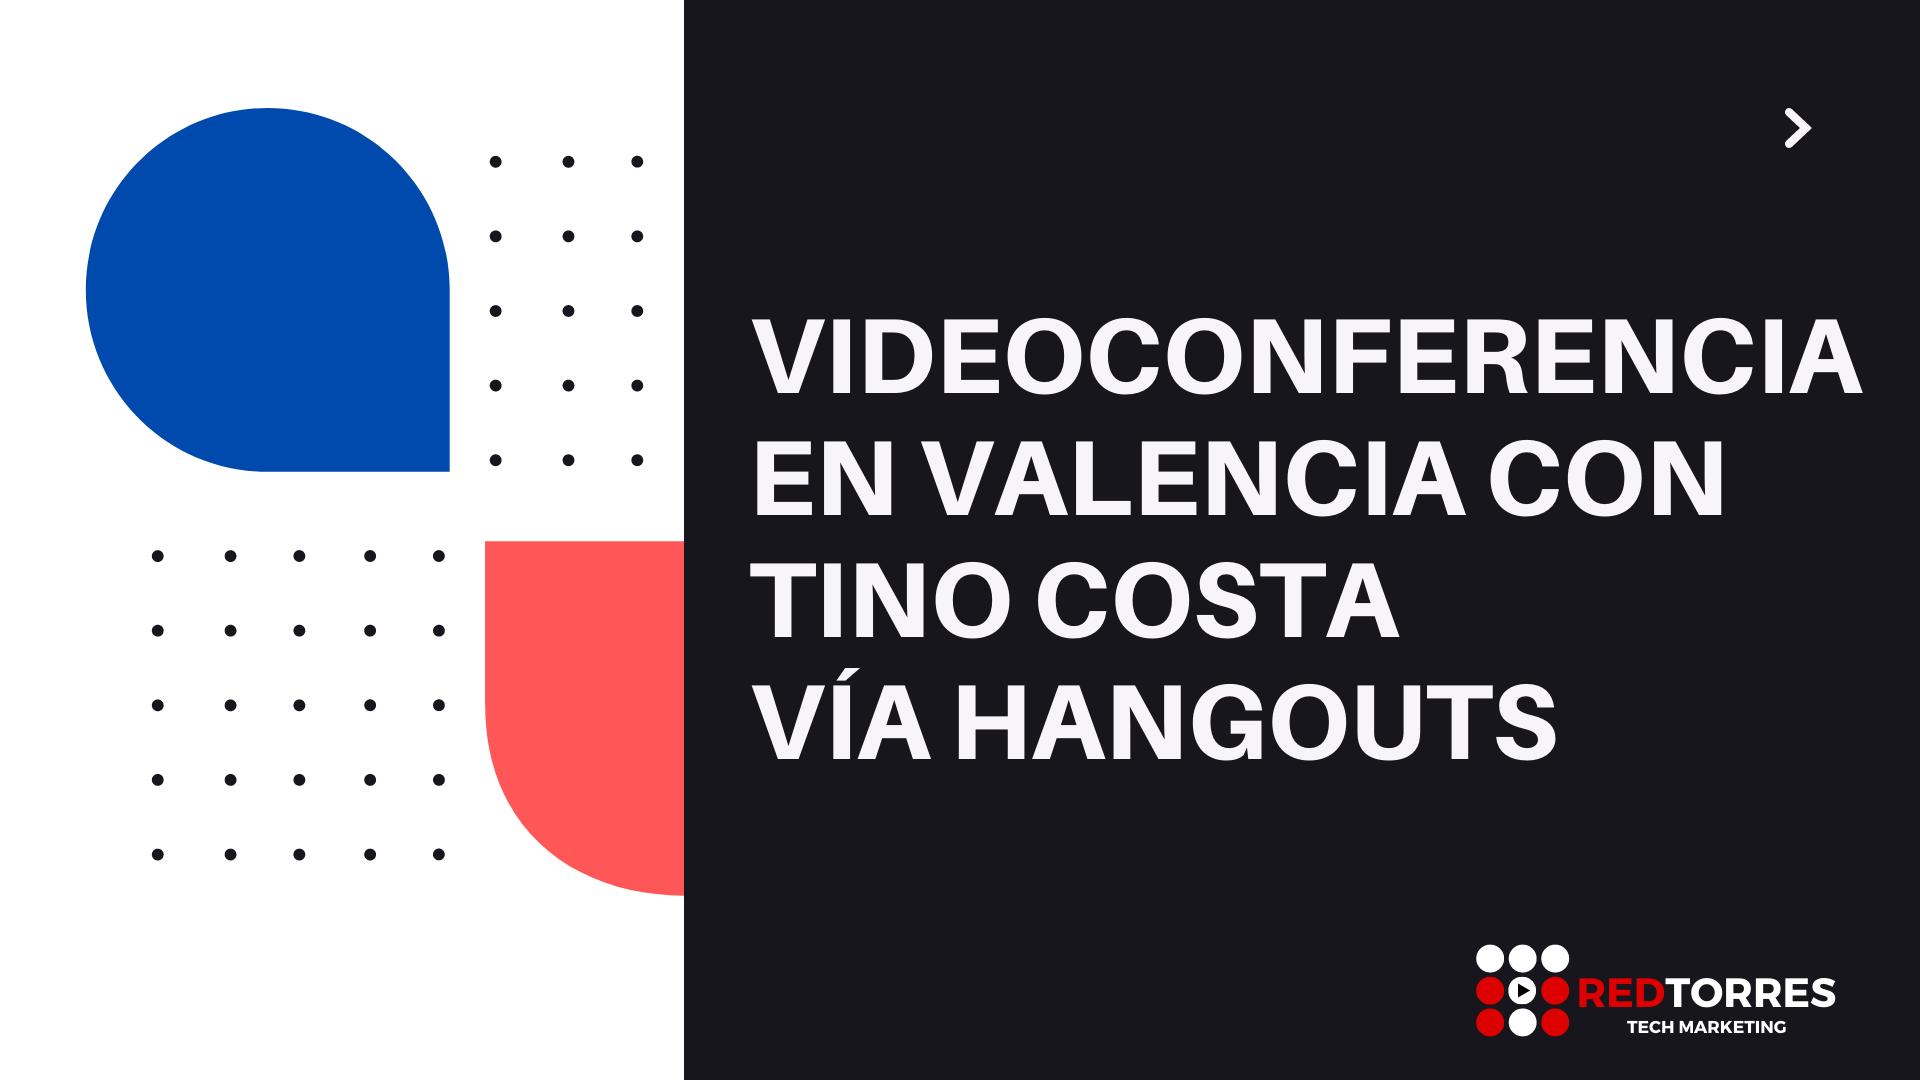 Videoconferencia en Valencia con Tino Costa | REDTORRES